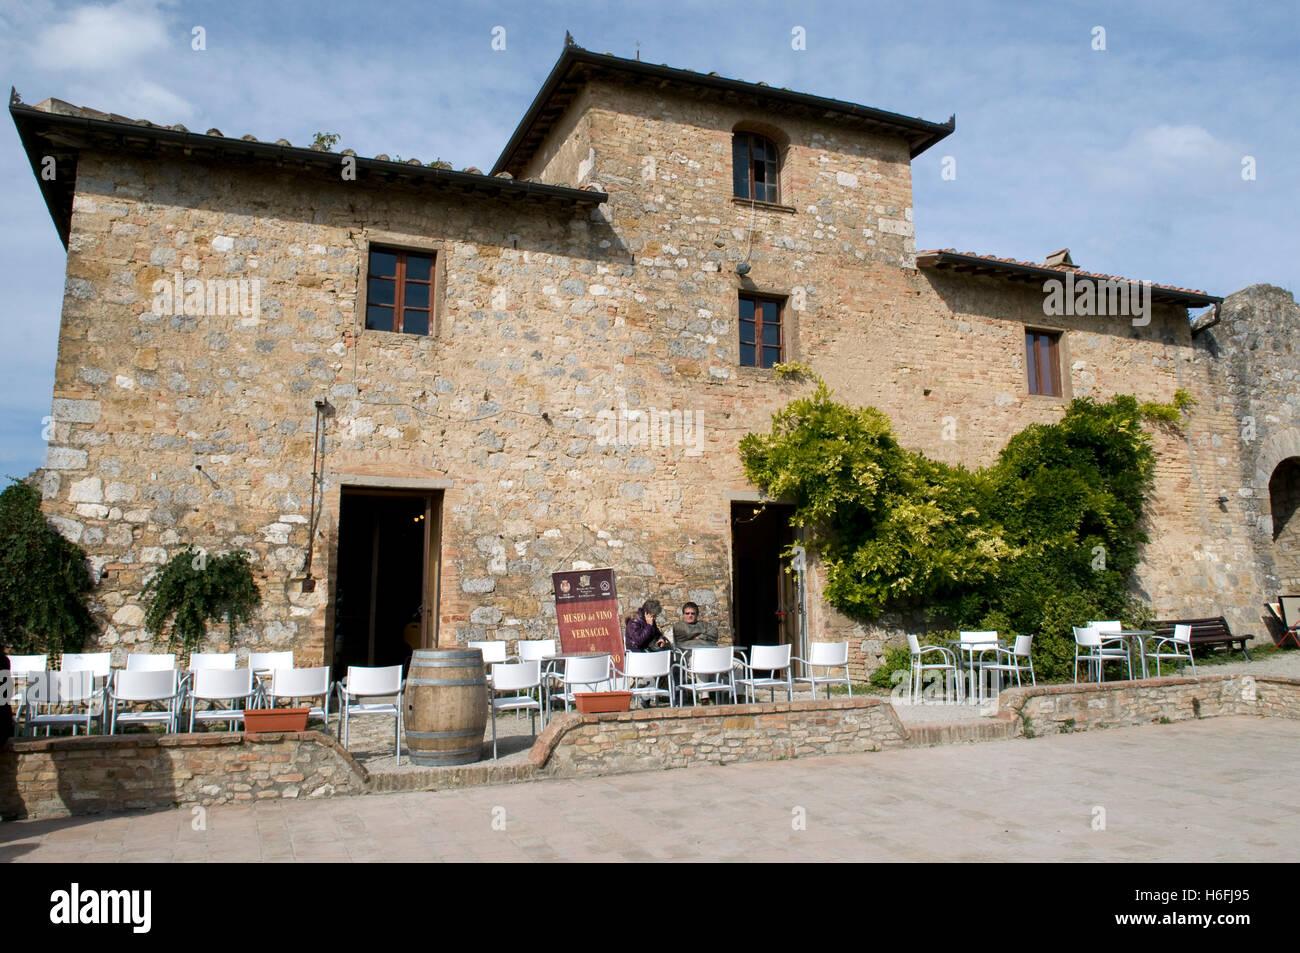 Museo Del Vino.Museo Del Vino San Gimignano Stock Photos Museo Del Vino San